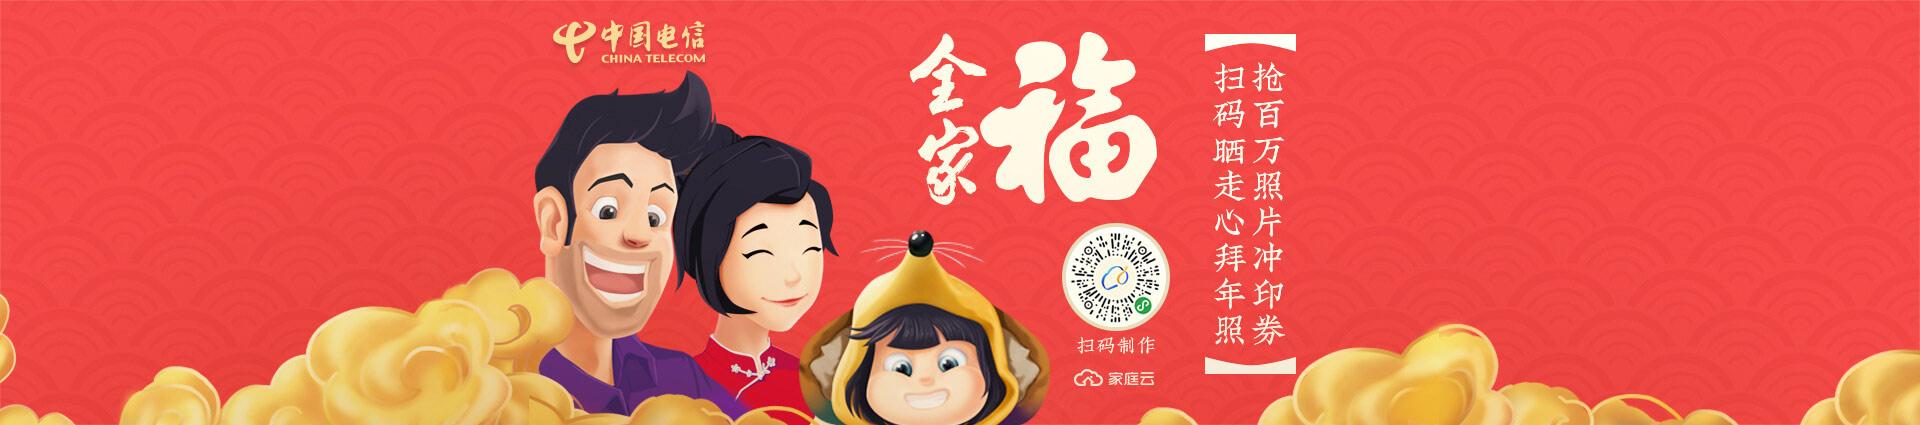 家庭云春节营销活动